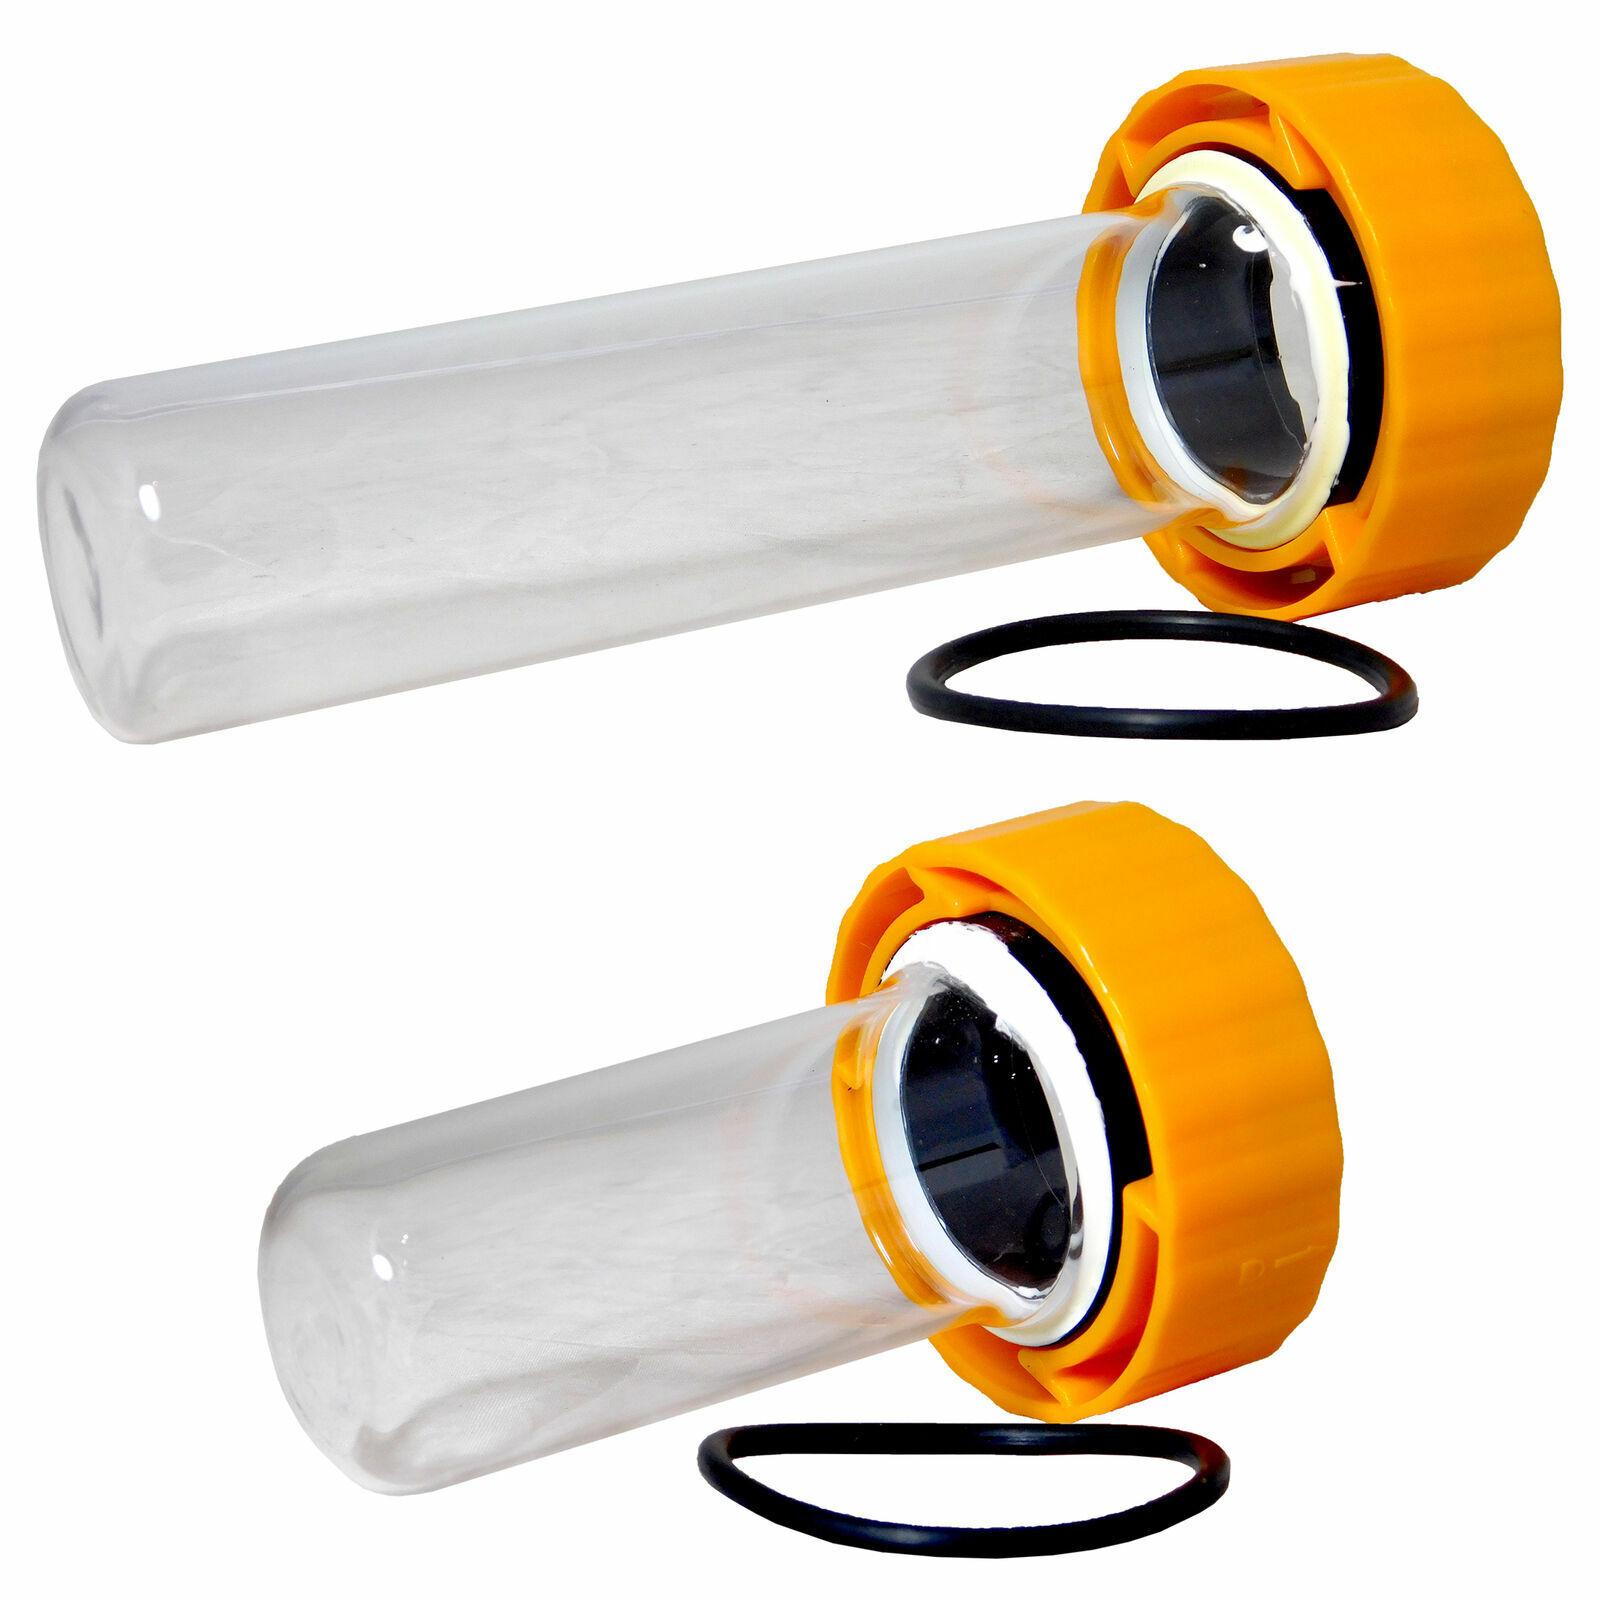 BLAGDON INPOND UVC REPLACEMENT QUARTZ SLEEVE SET 5W - 9W Glass & Seal